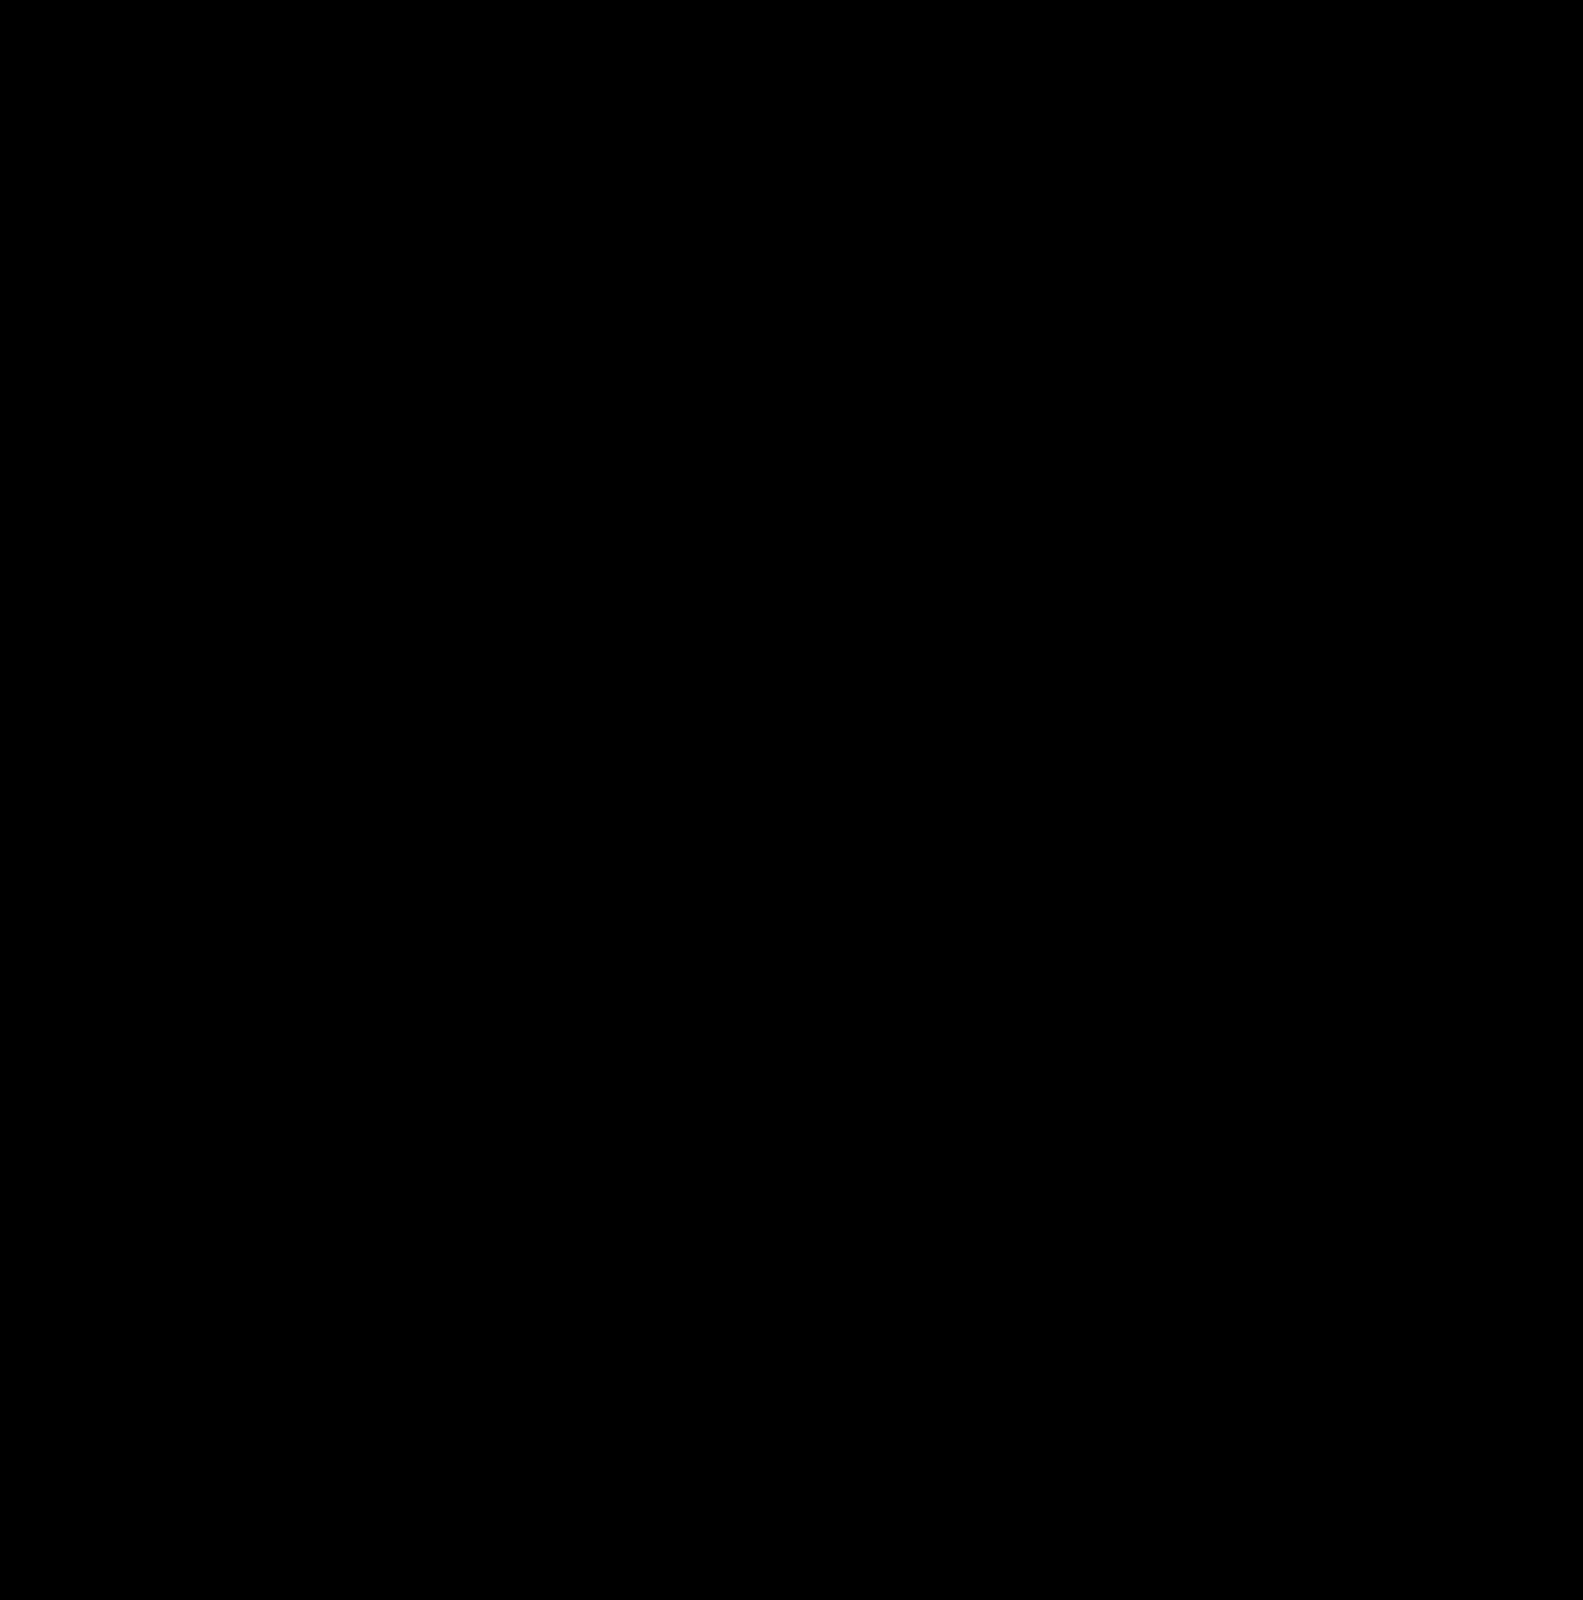 Alfabet grecki Alfabet grecki Źródło: licencja: CC 0.